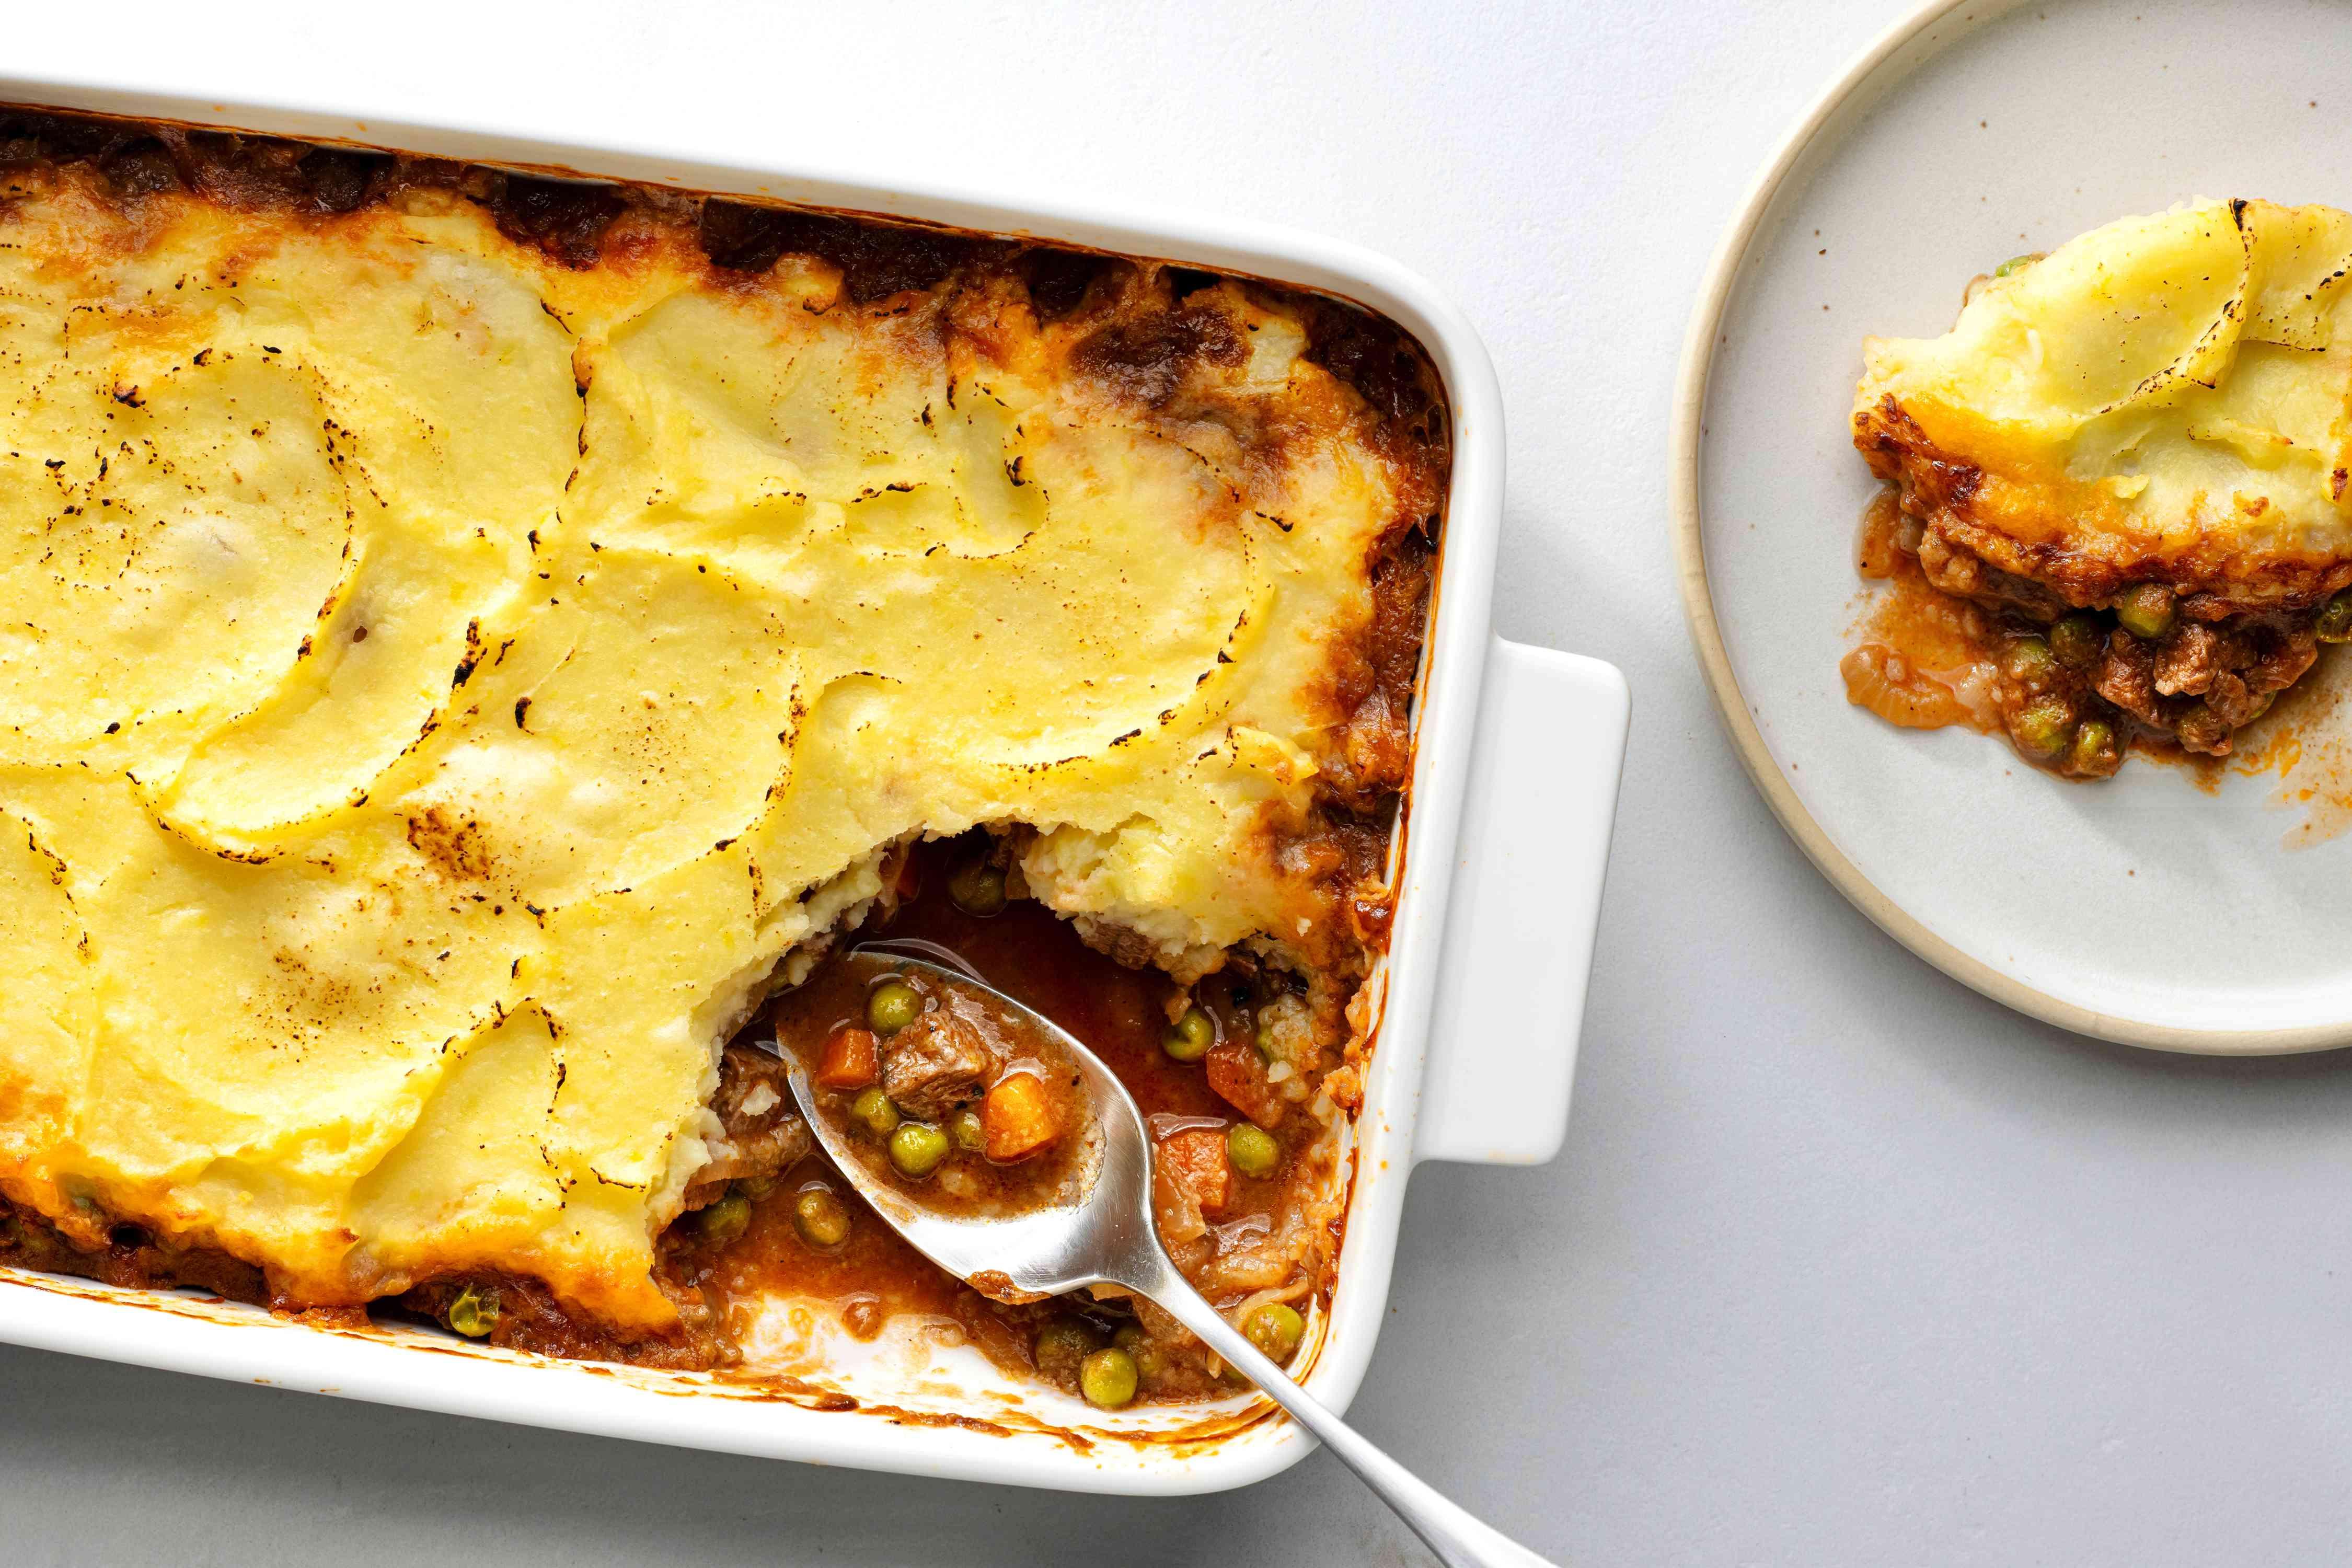 Shepherd's Pie Recipe With Beef or Lamb